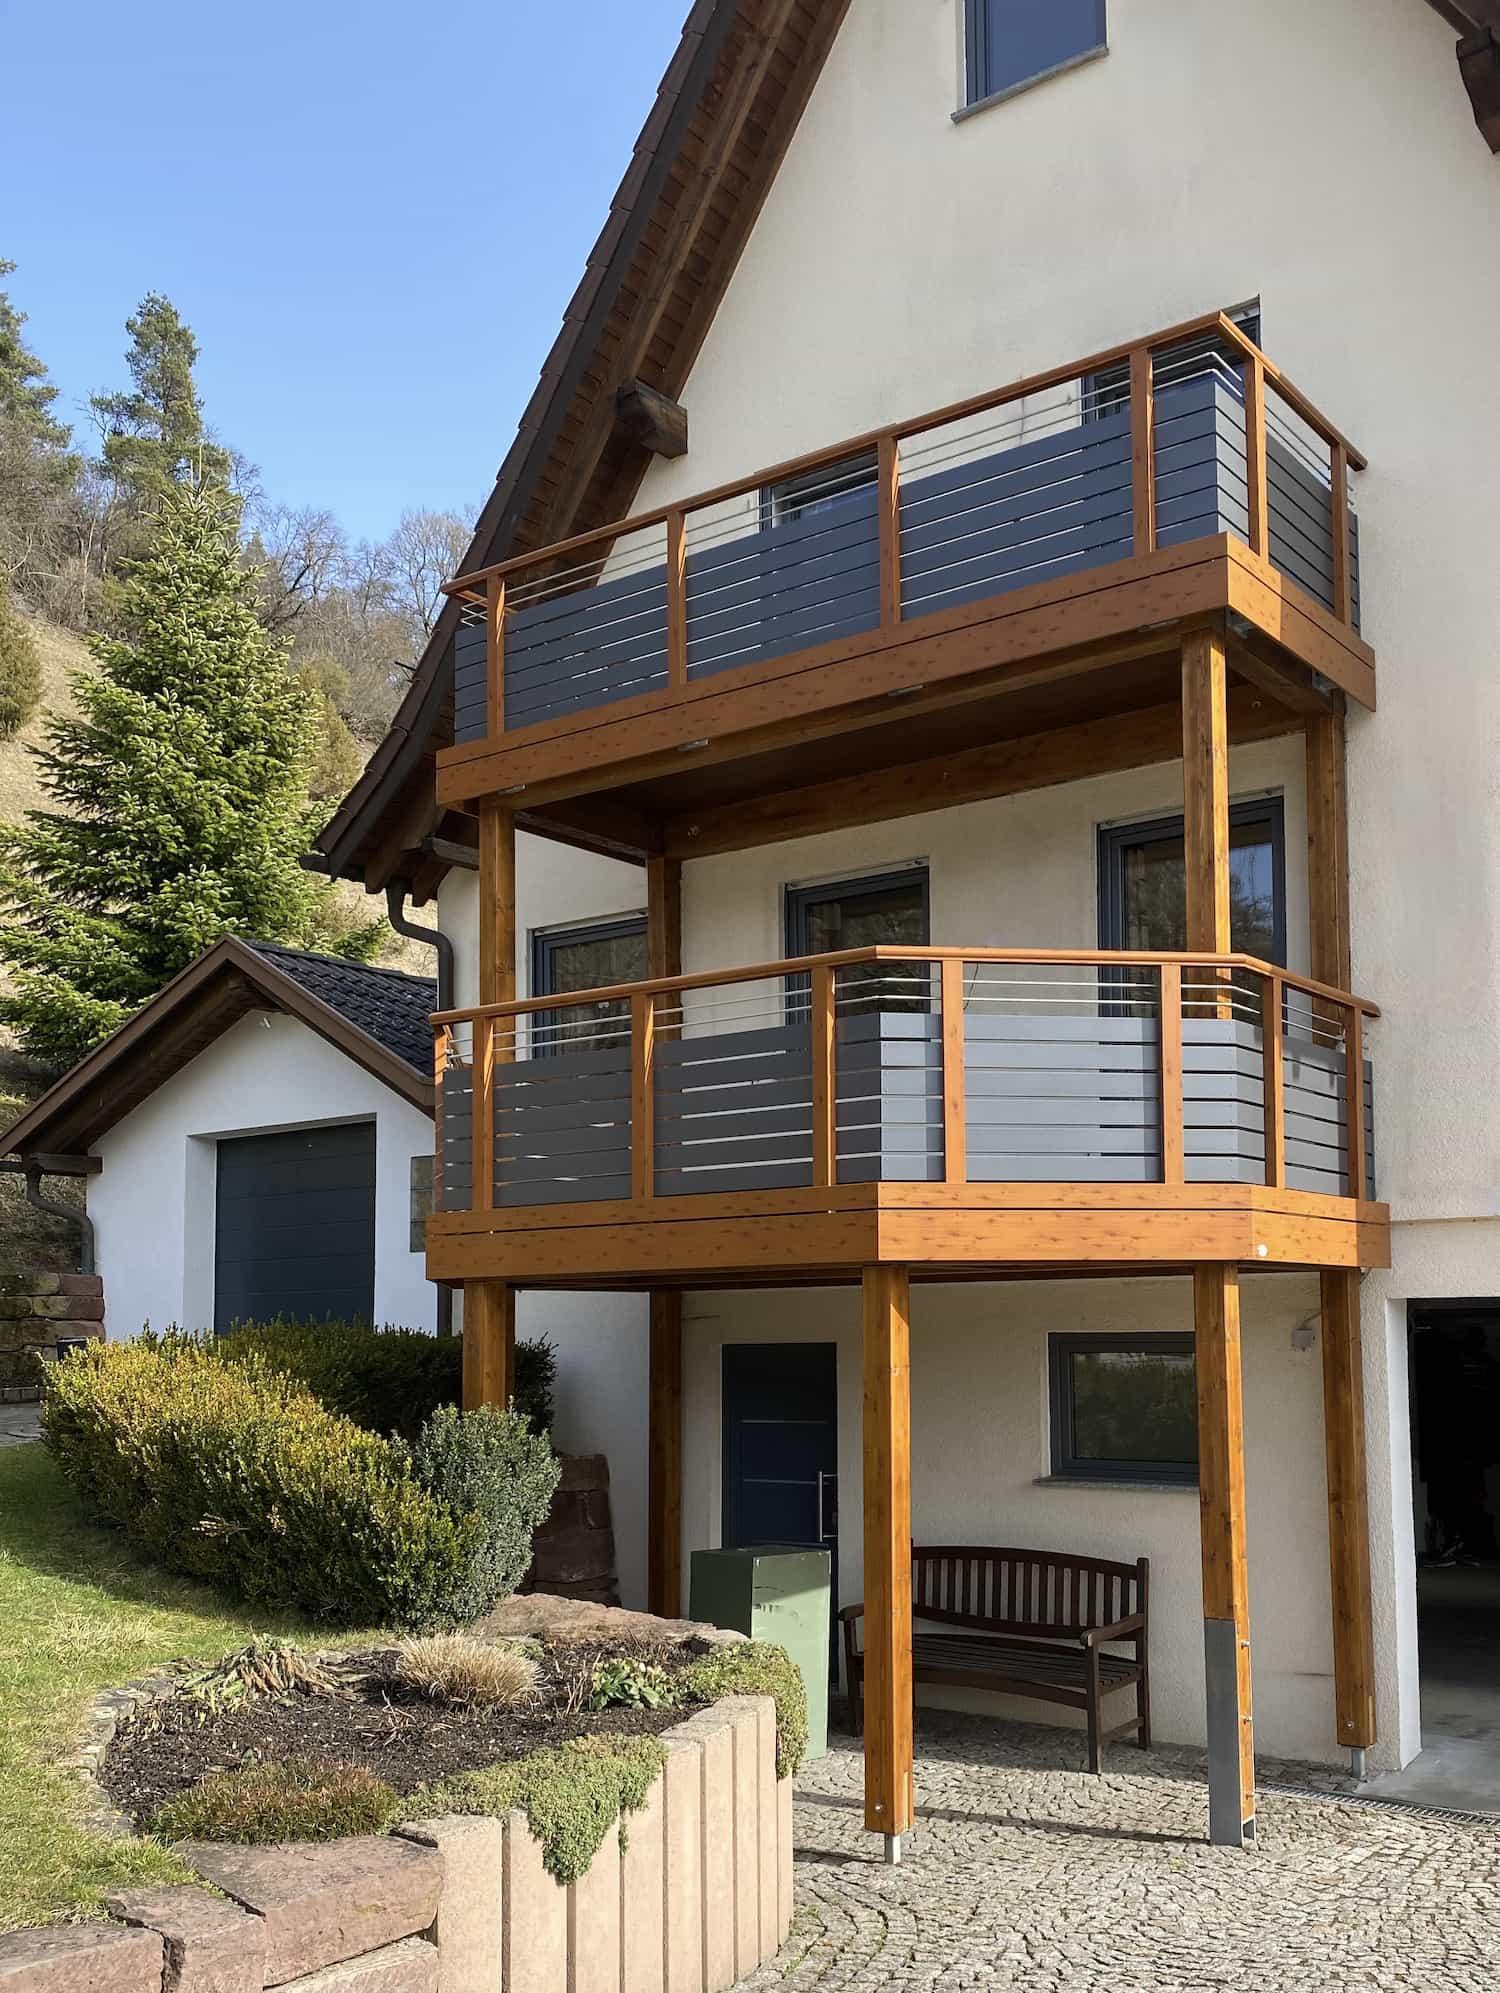 Balkongeländer Holzdekor Modern